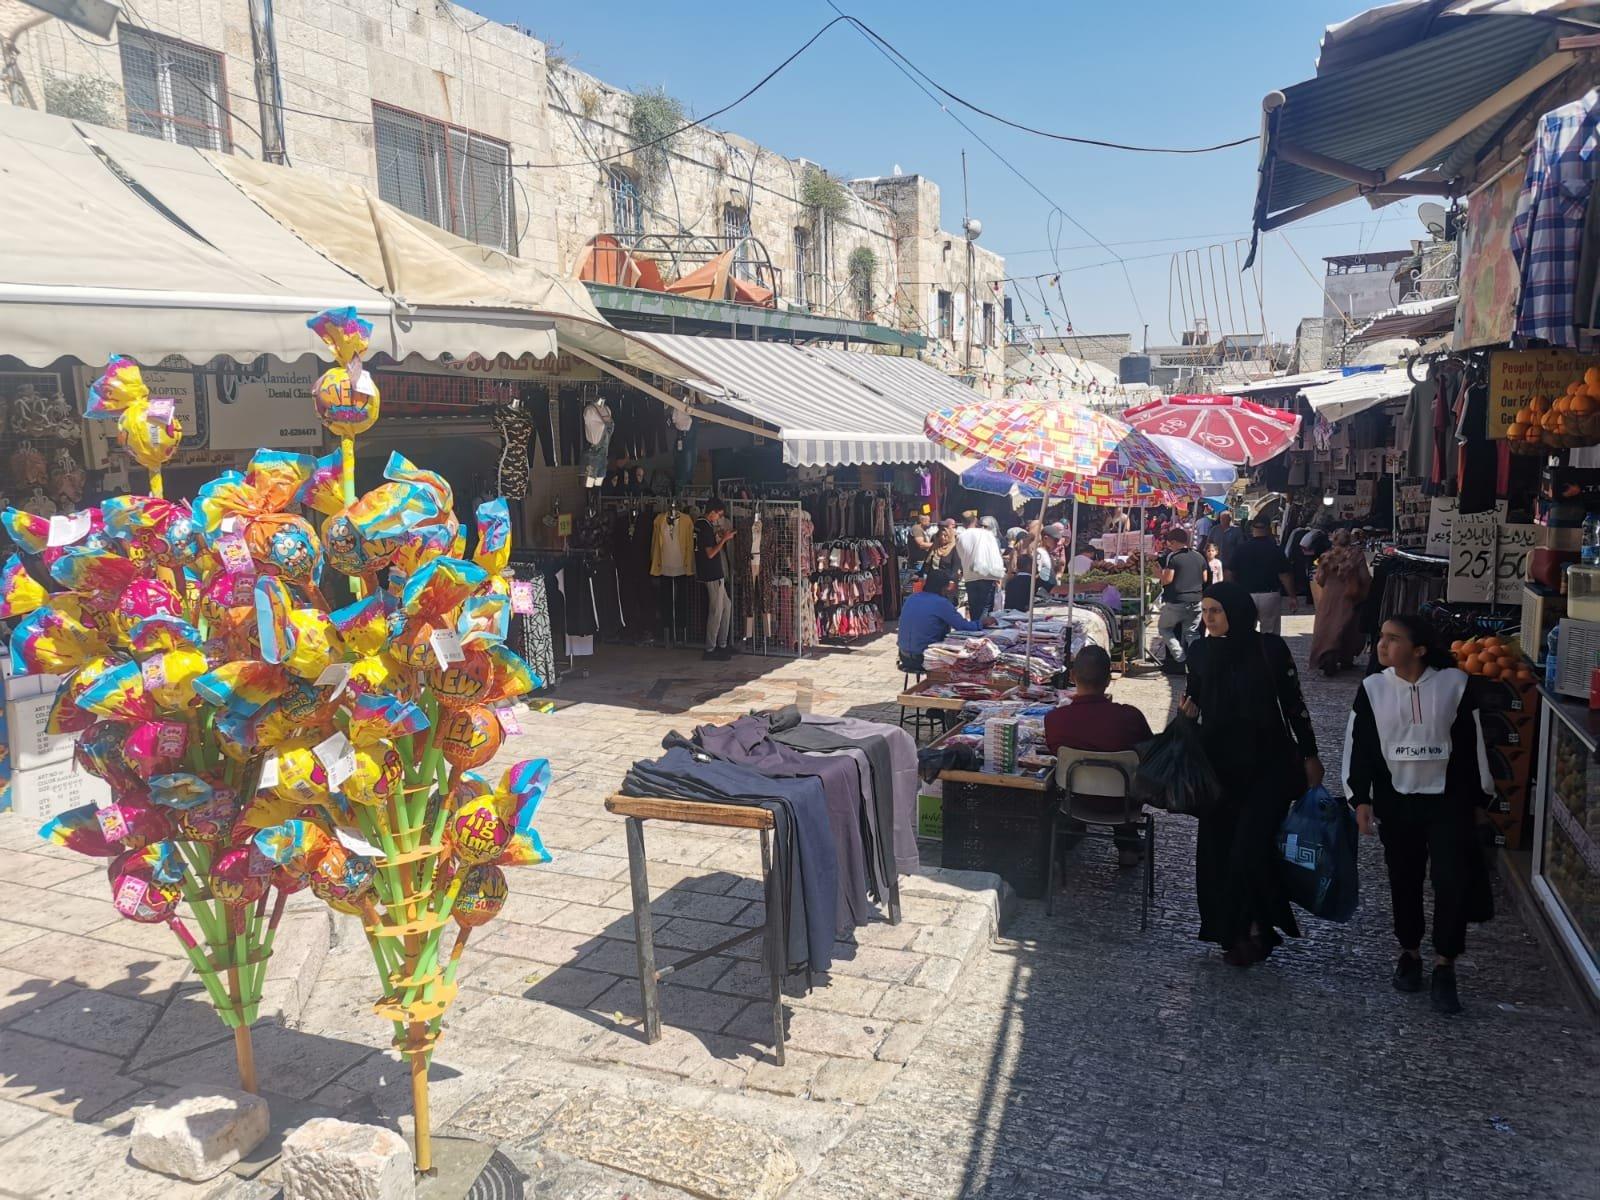 قبيل عيد الأضحى .. الأوضاع الاقتصادية والسياسية تلقي بظلالها على أسواق القدس-5